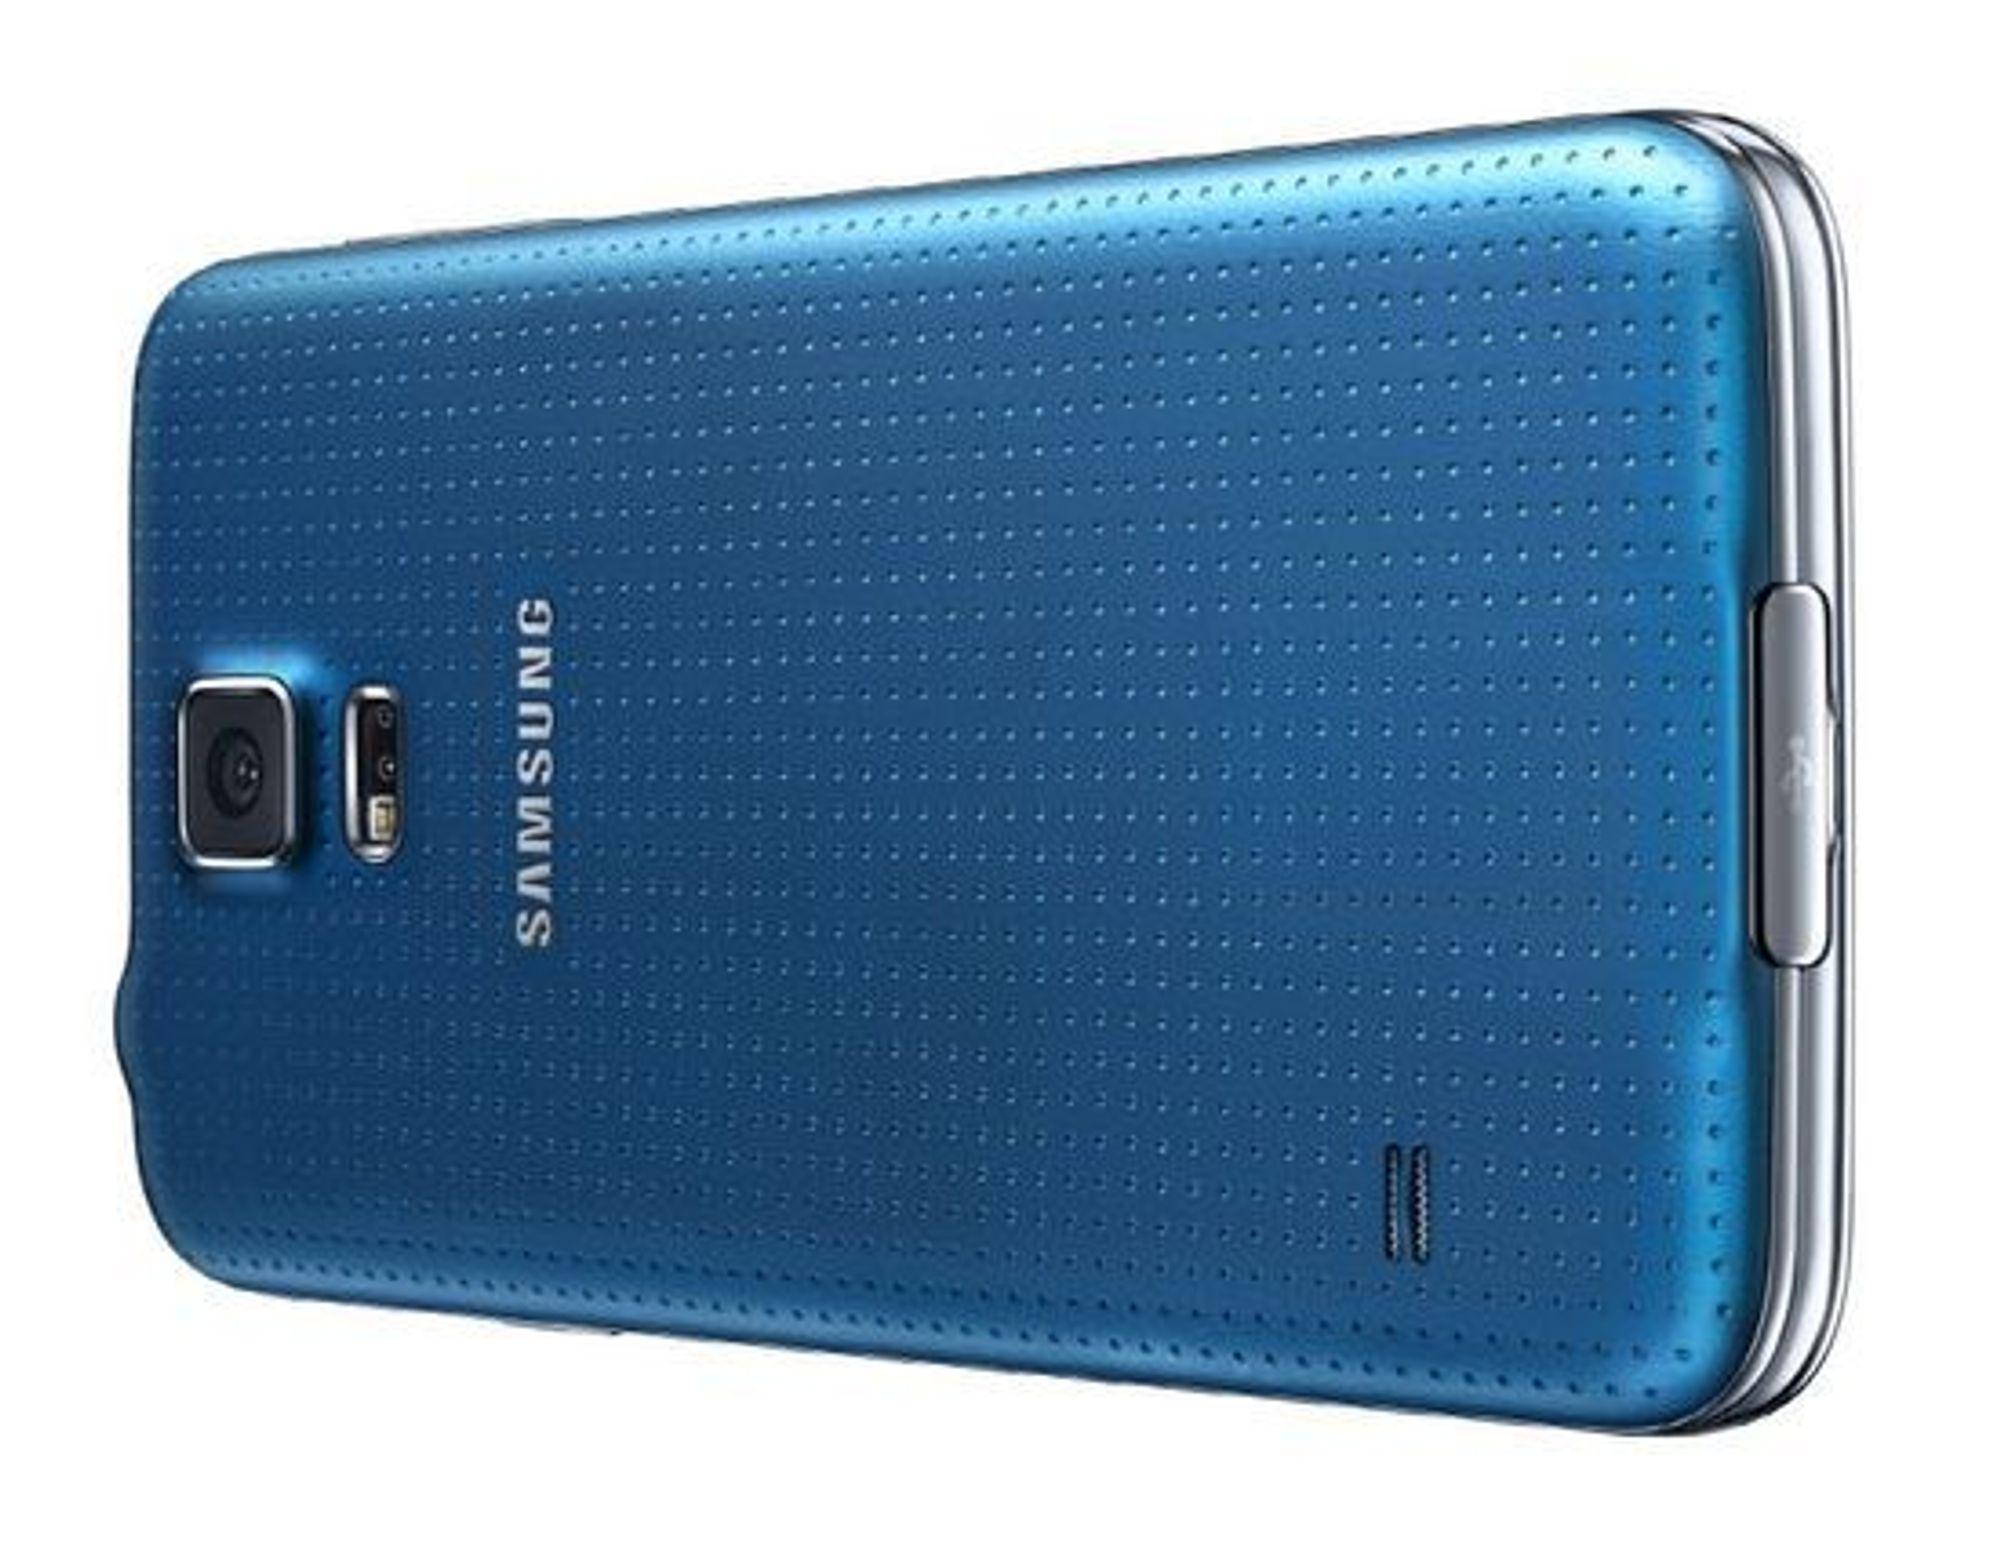 Den perforerte baksiden til Galaxy S5.